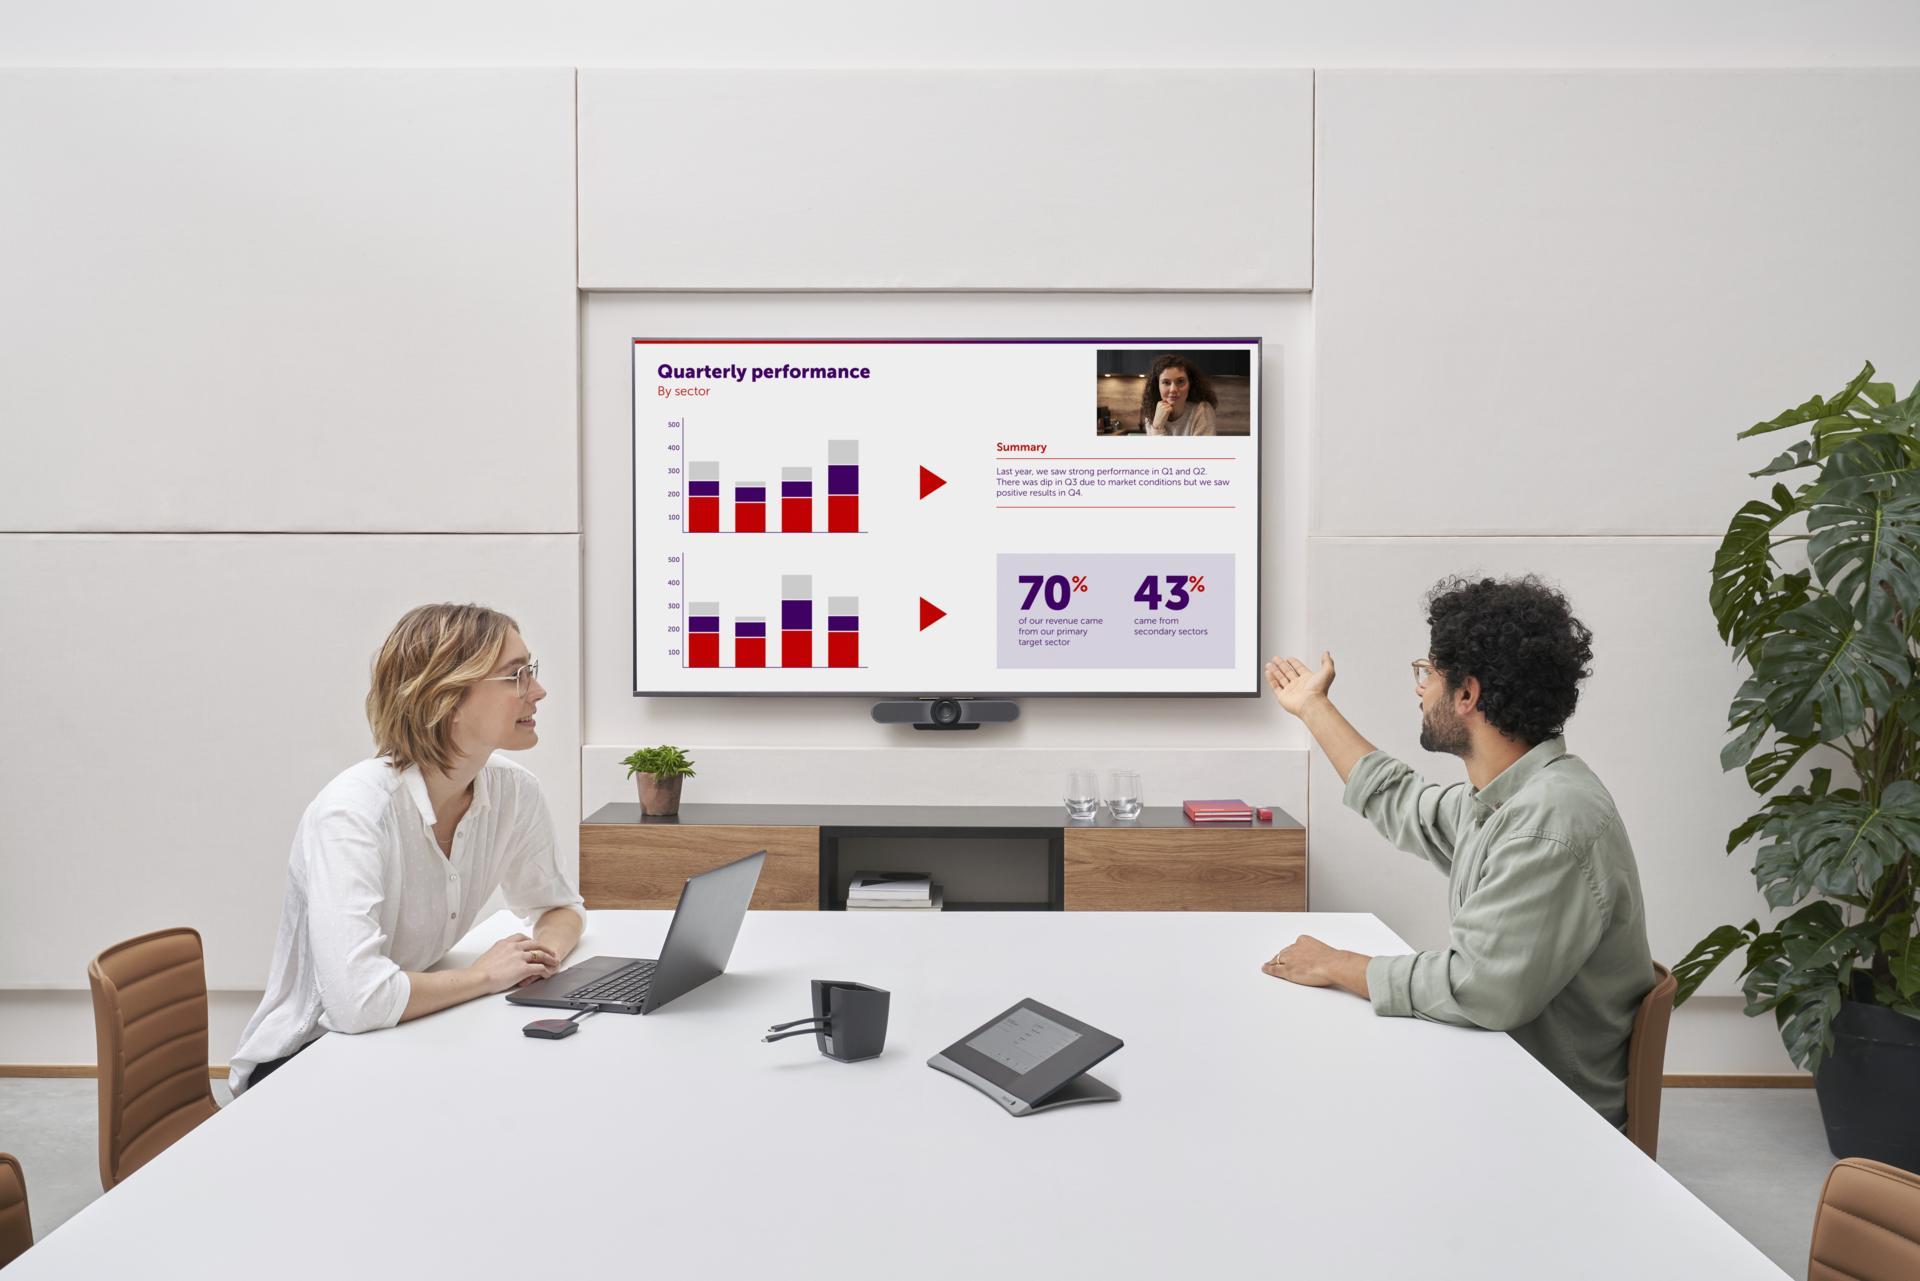 Team arbeitet mit Barco ClickShare Systemen im Konferenzzimmer